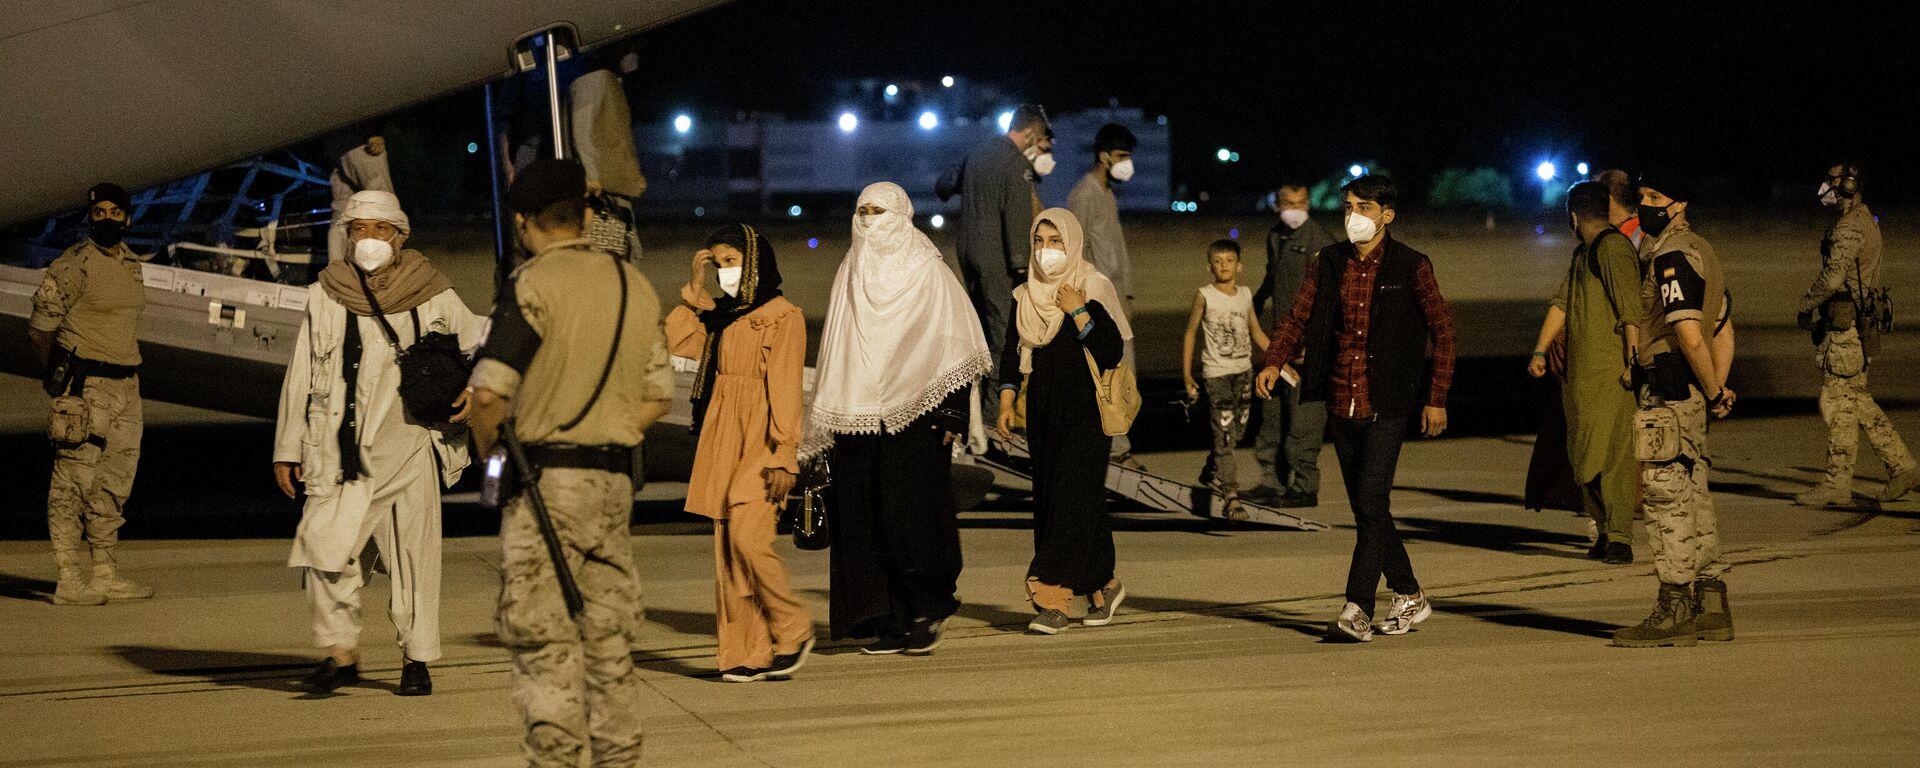 Varias personas repatriadas llegan a la pista tras bajarse del avión A400M en el que ha sido evacuados de Kabul, a 19 de agosto de 2021, en Torrejón de Ardoz, Madrid - Sputnik Mundo, 1920, 19.08.2021